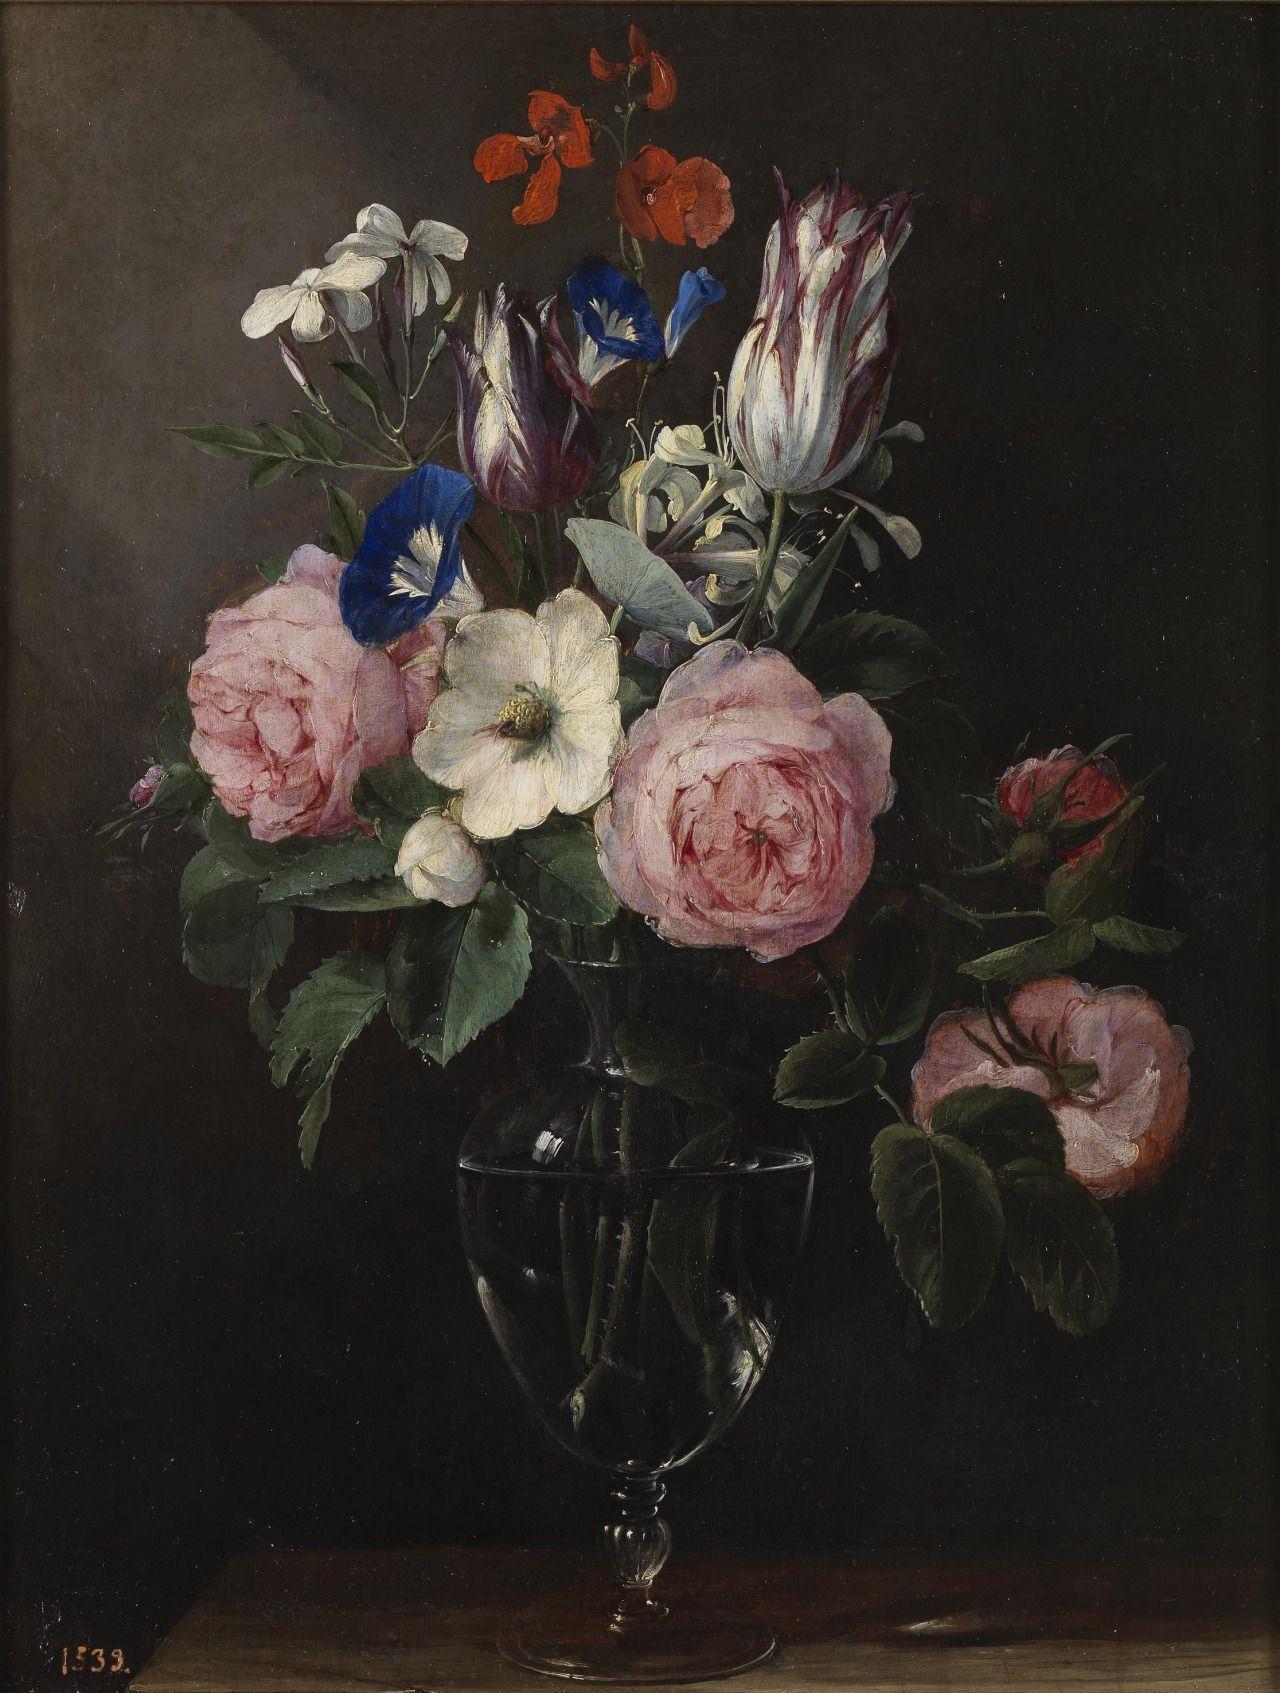 Vase of flowers 1600 25 jan brueghel the elder sweet vase of flowers 1600 25 jan brueghel the elder reviewsmspy